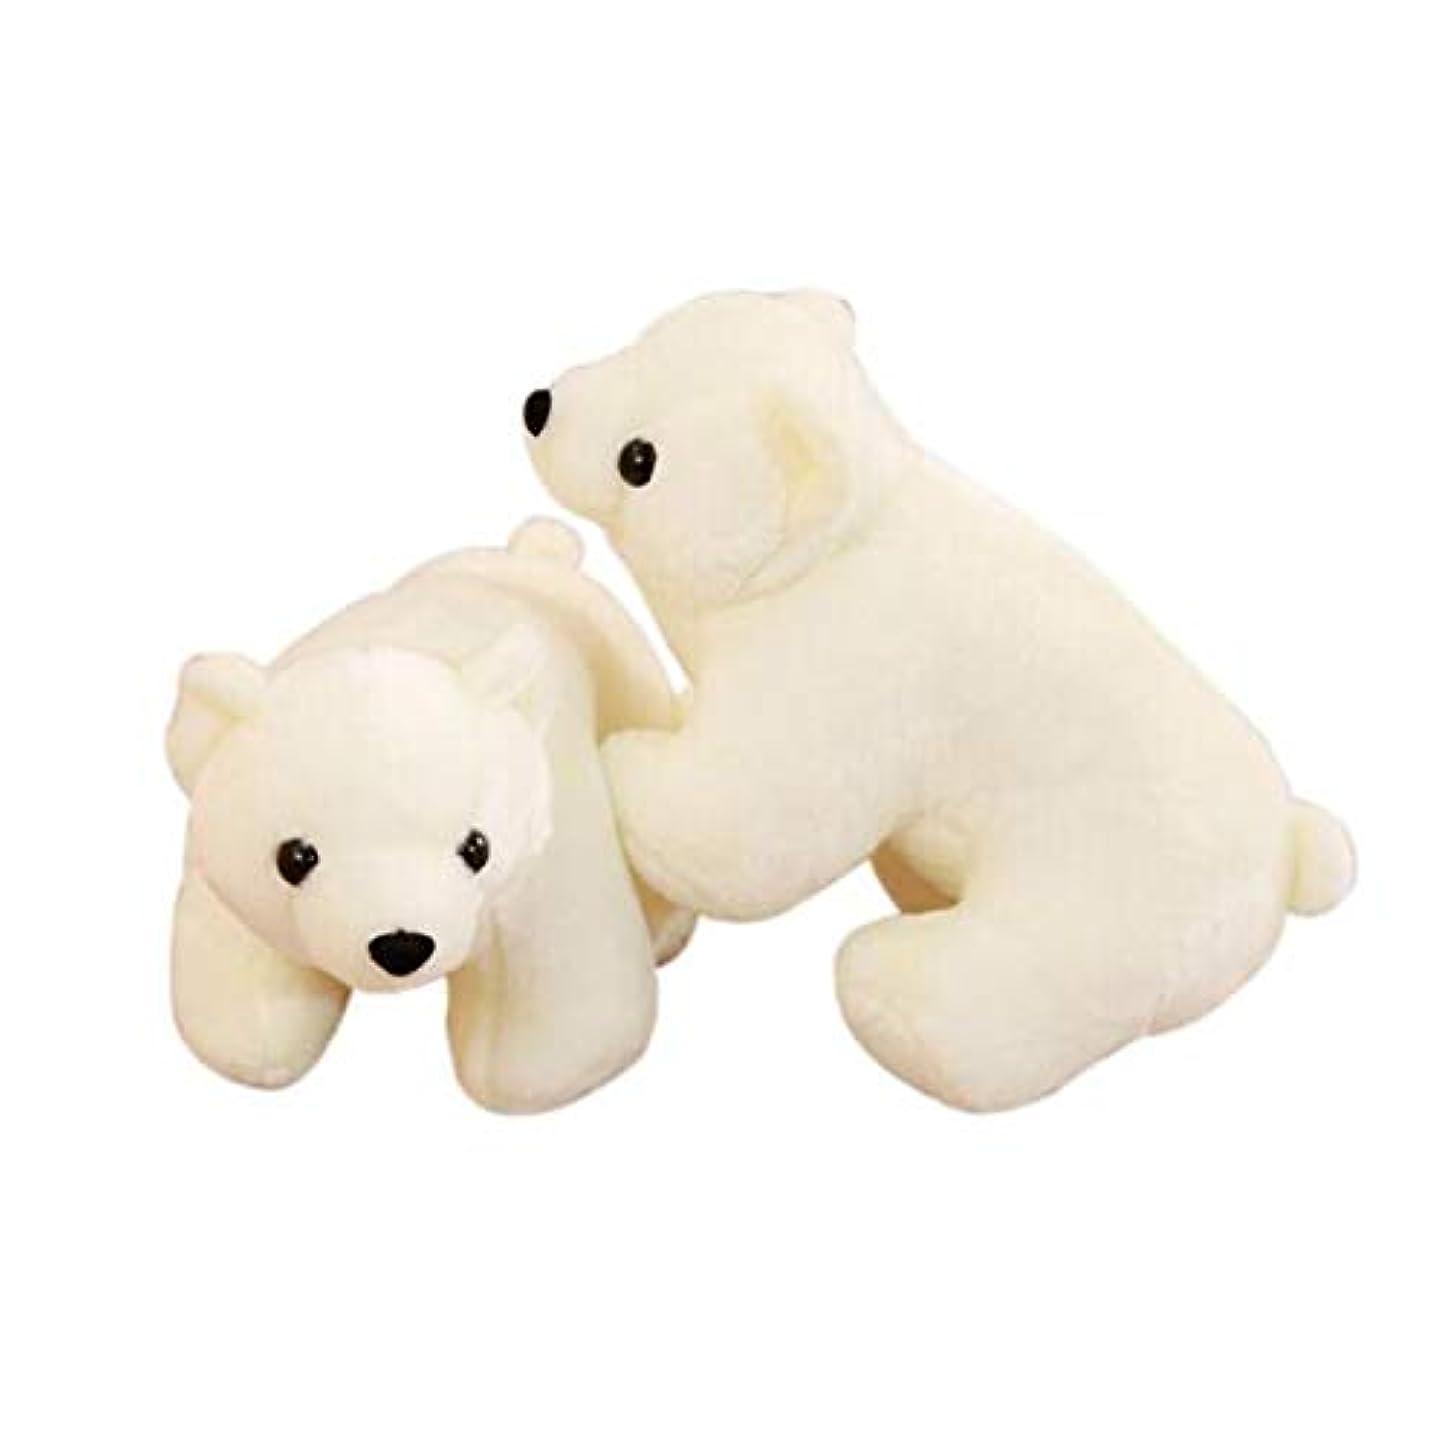 拒絶する小包配置GUYUEXUAN かわいいシミュレーションホッキョクグマ抱擁小さな白いクマぬいぐるみ人形人形人形赤ちゃんミニトランペットクリスマスギフトウェディングギフトベージュホワイト24センチ (Size : 30cm)